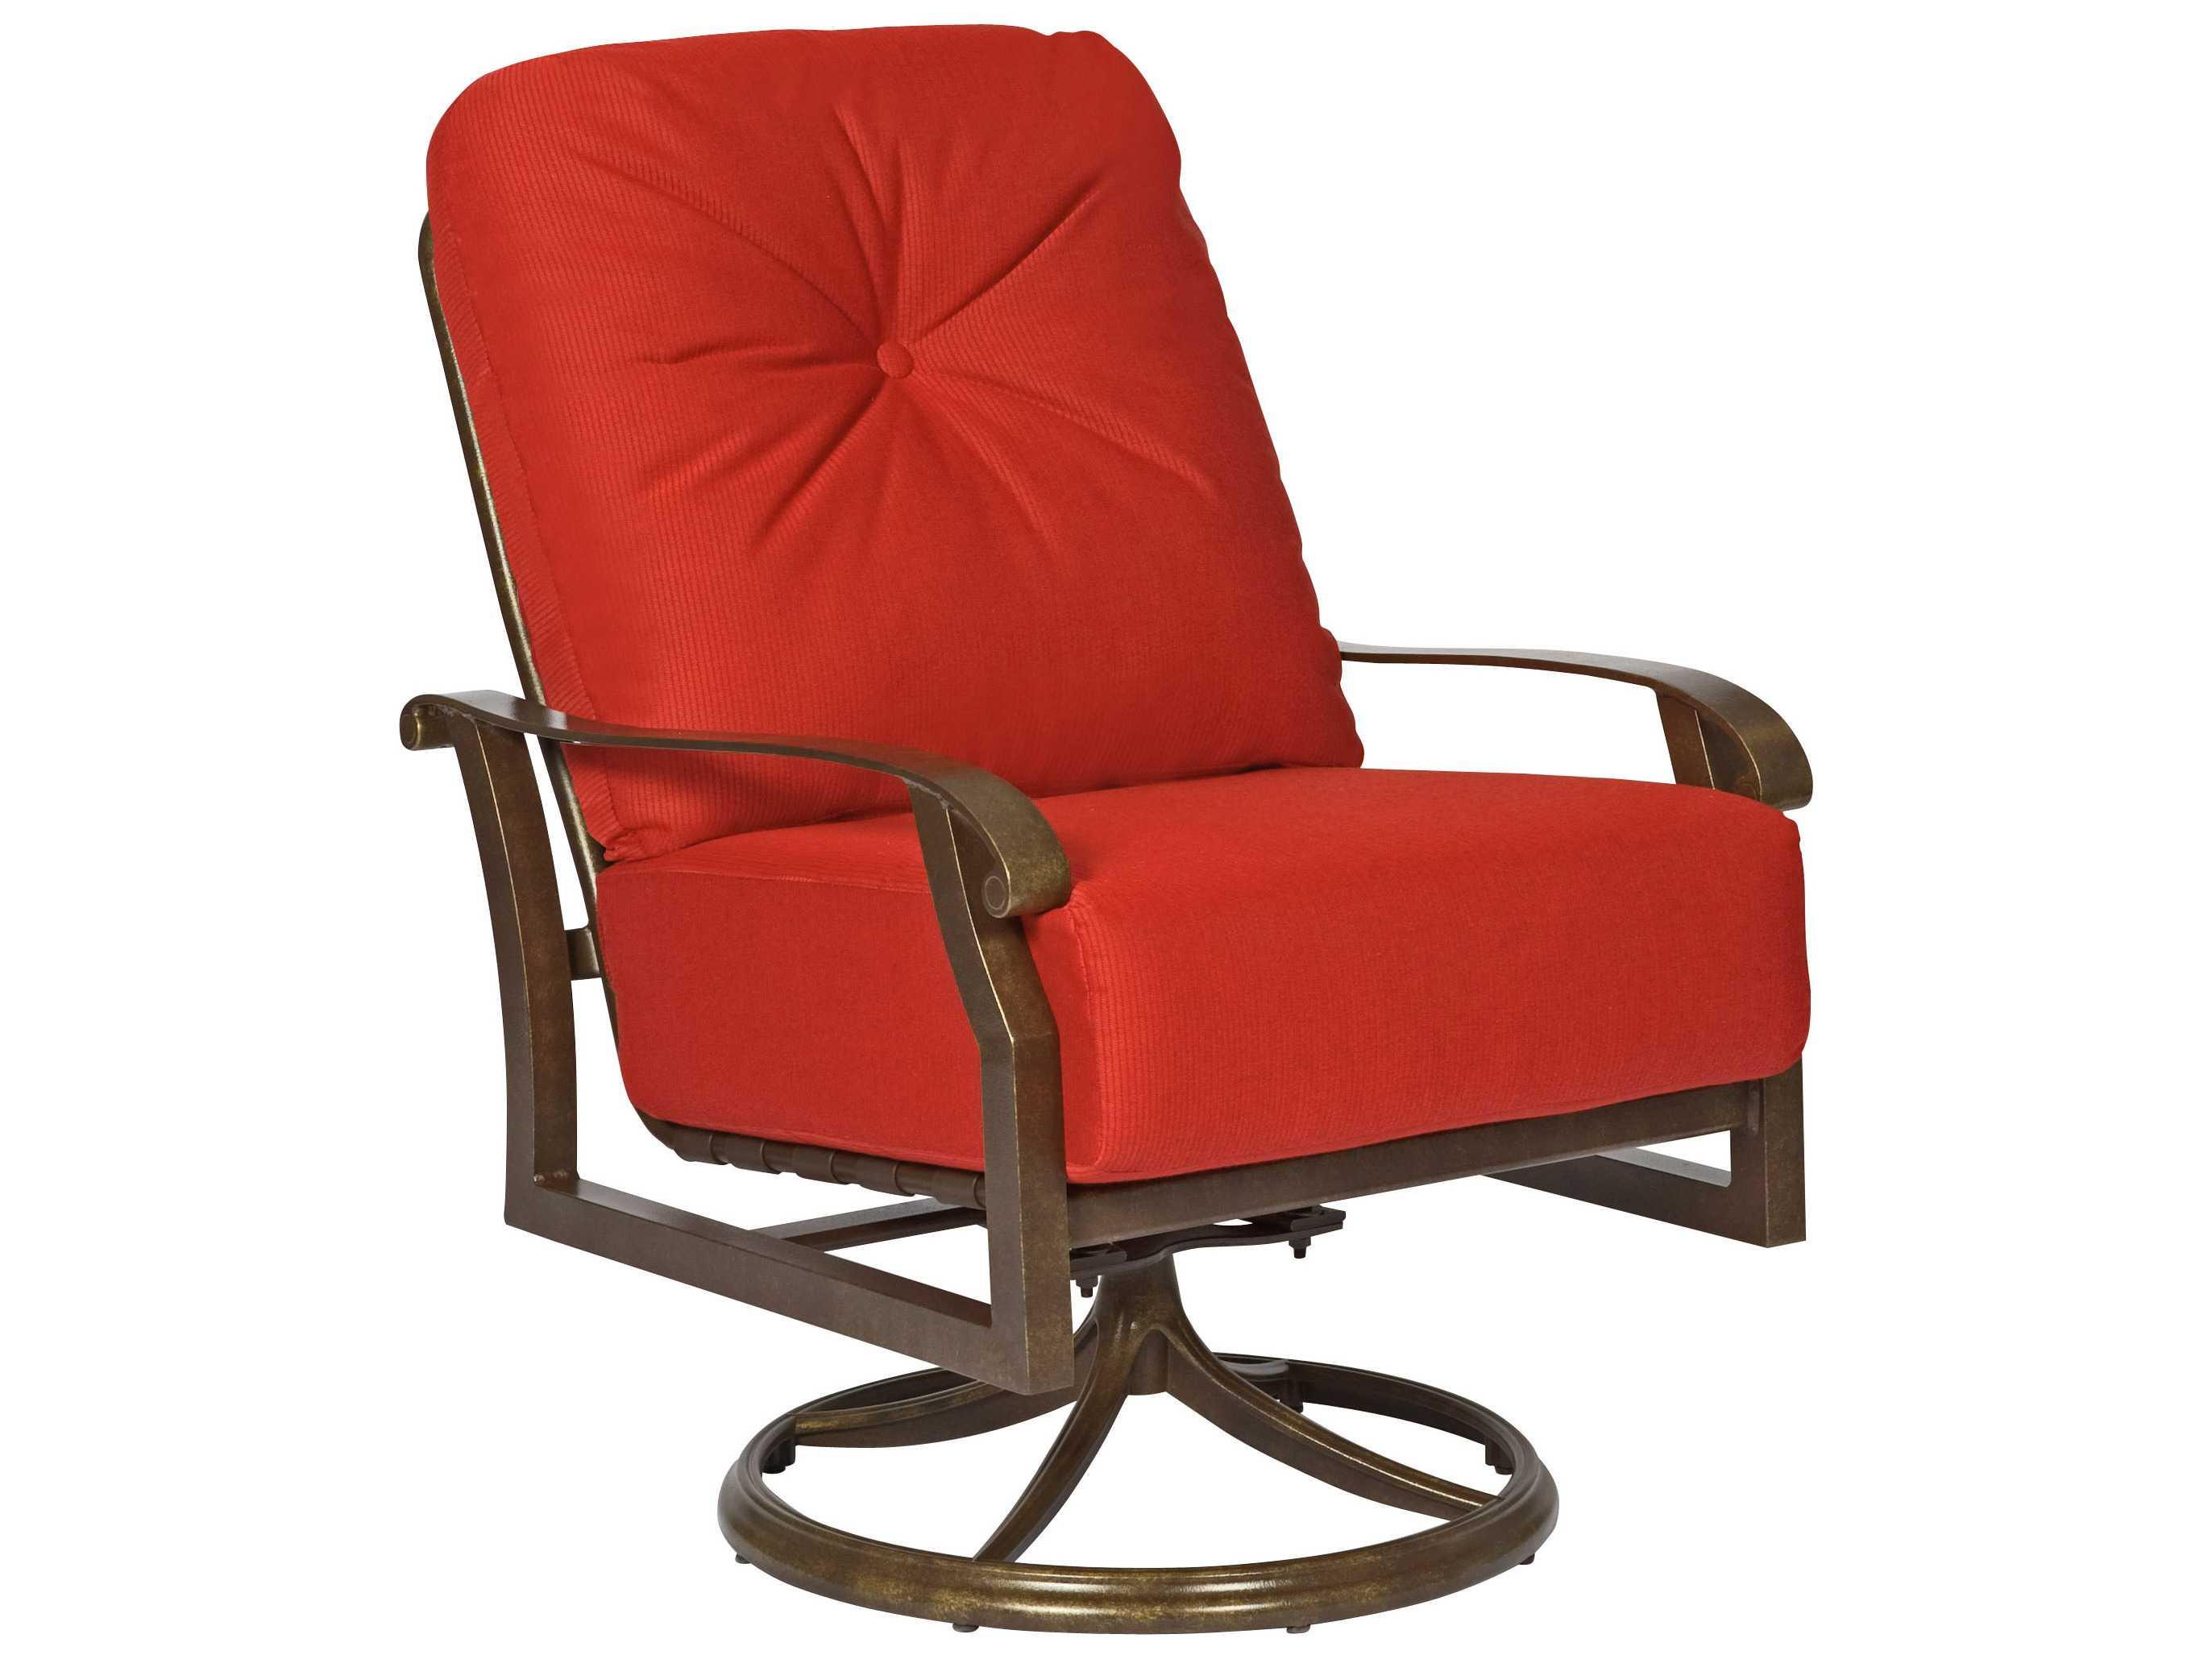 Woodard Cortland Extra Large Swivel Rocker Lounge Chair 4Z0677